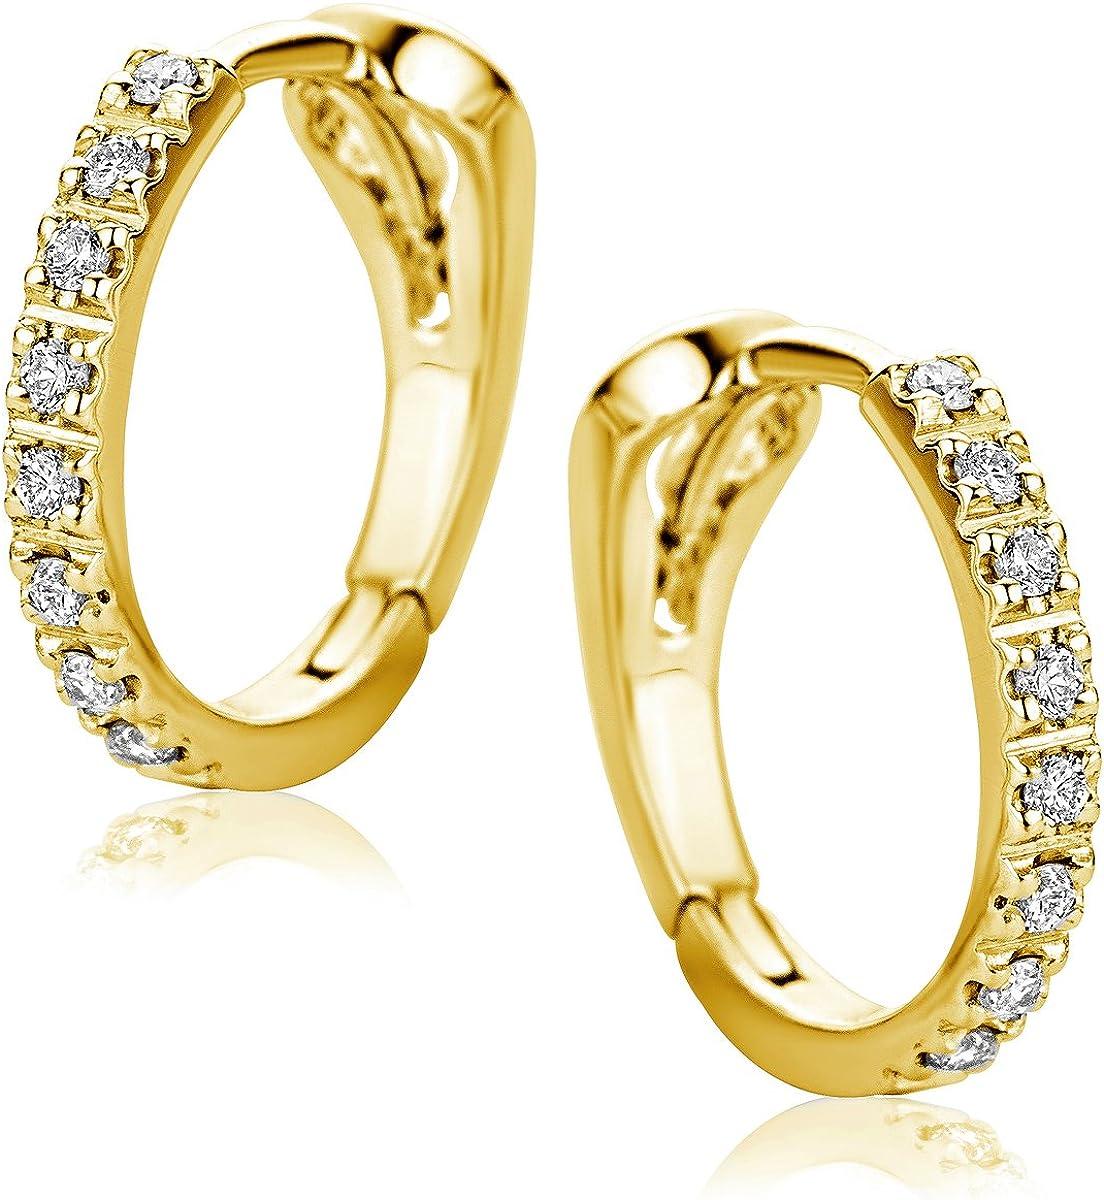 Orovi Pendientes Señora aros en Oro Amarillo con Diamantes Talla Brillante 0.10 ct Oro 18 kt /750